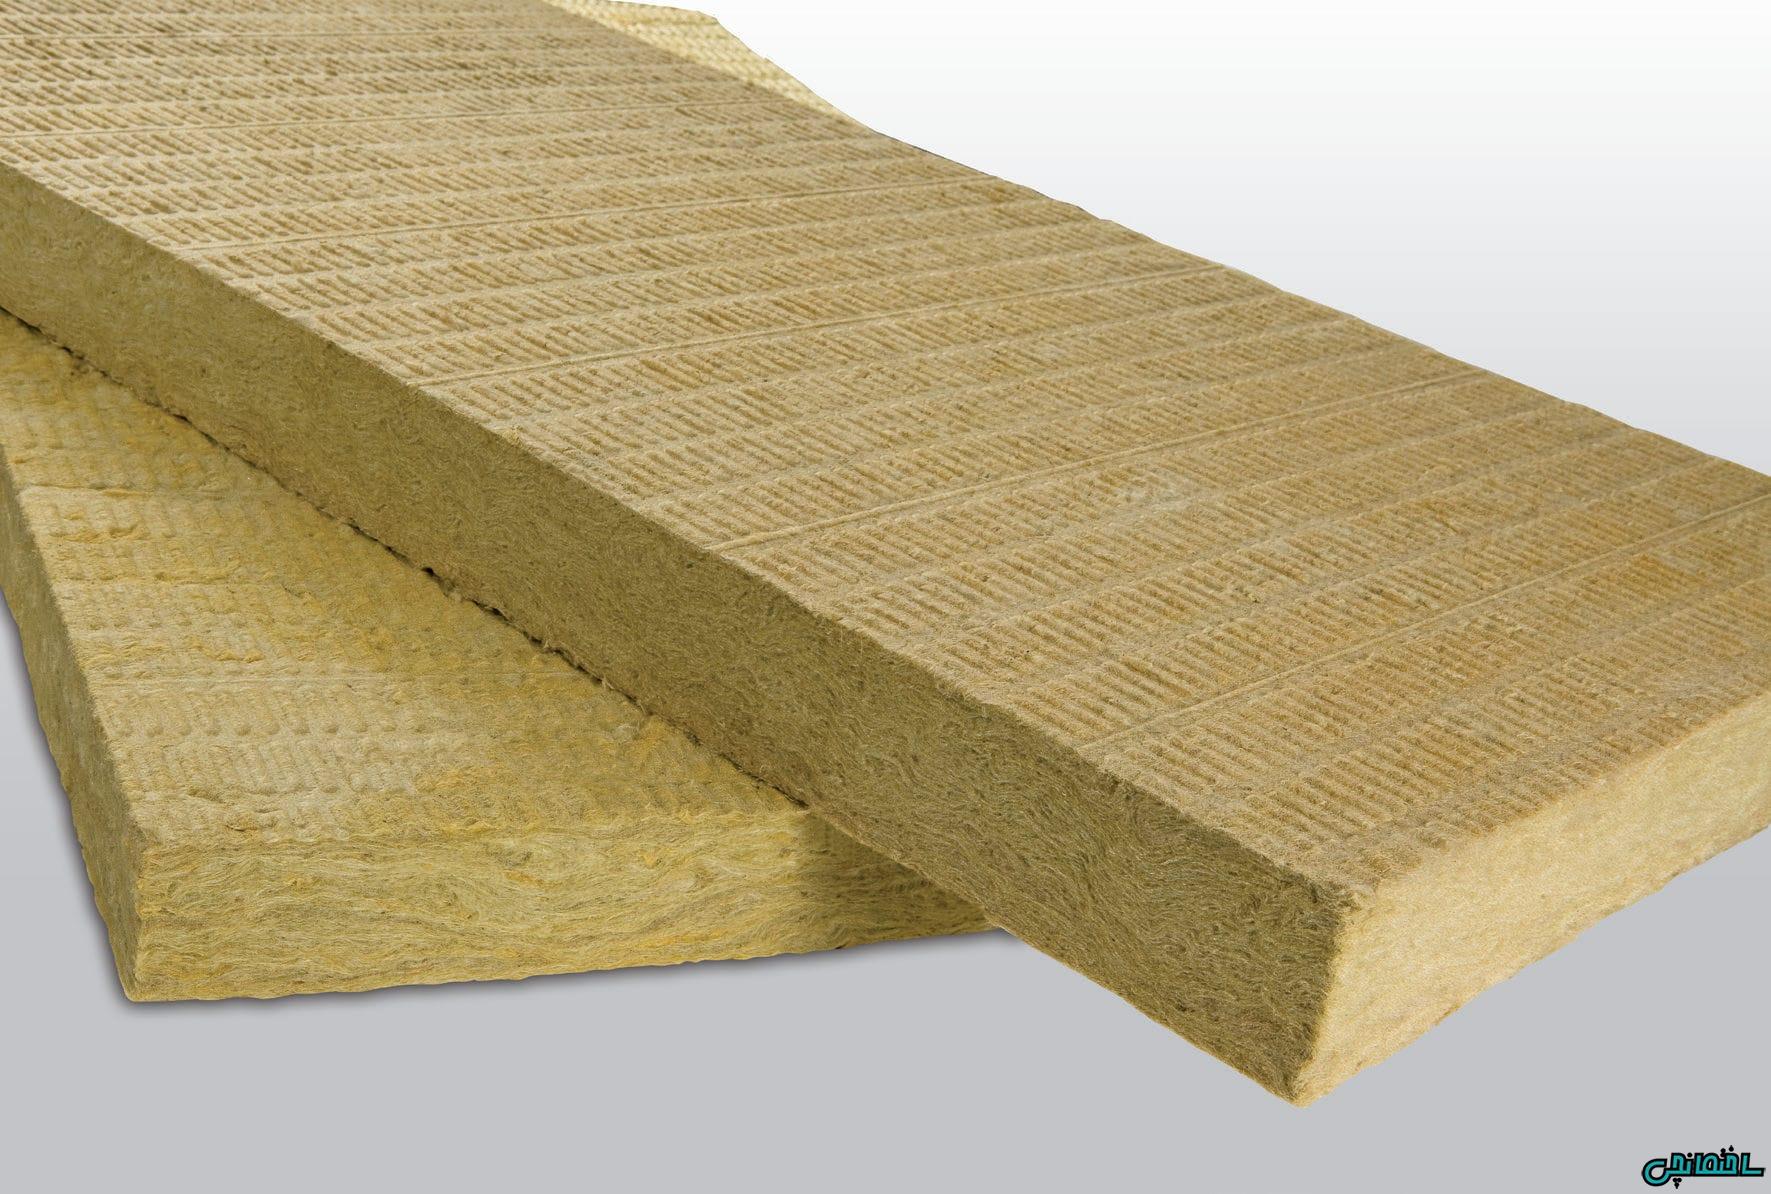 لیست شرکت های تولید کننده عایق پشم سنگ